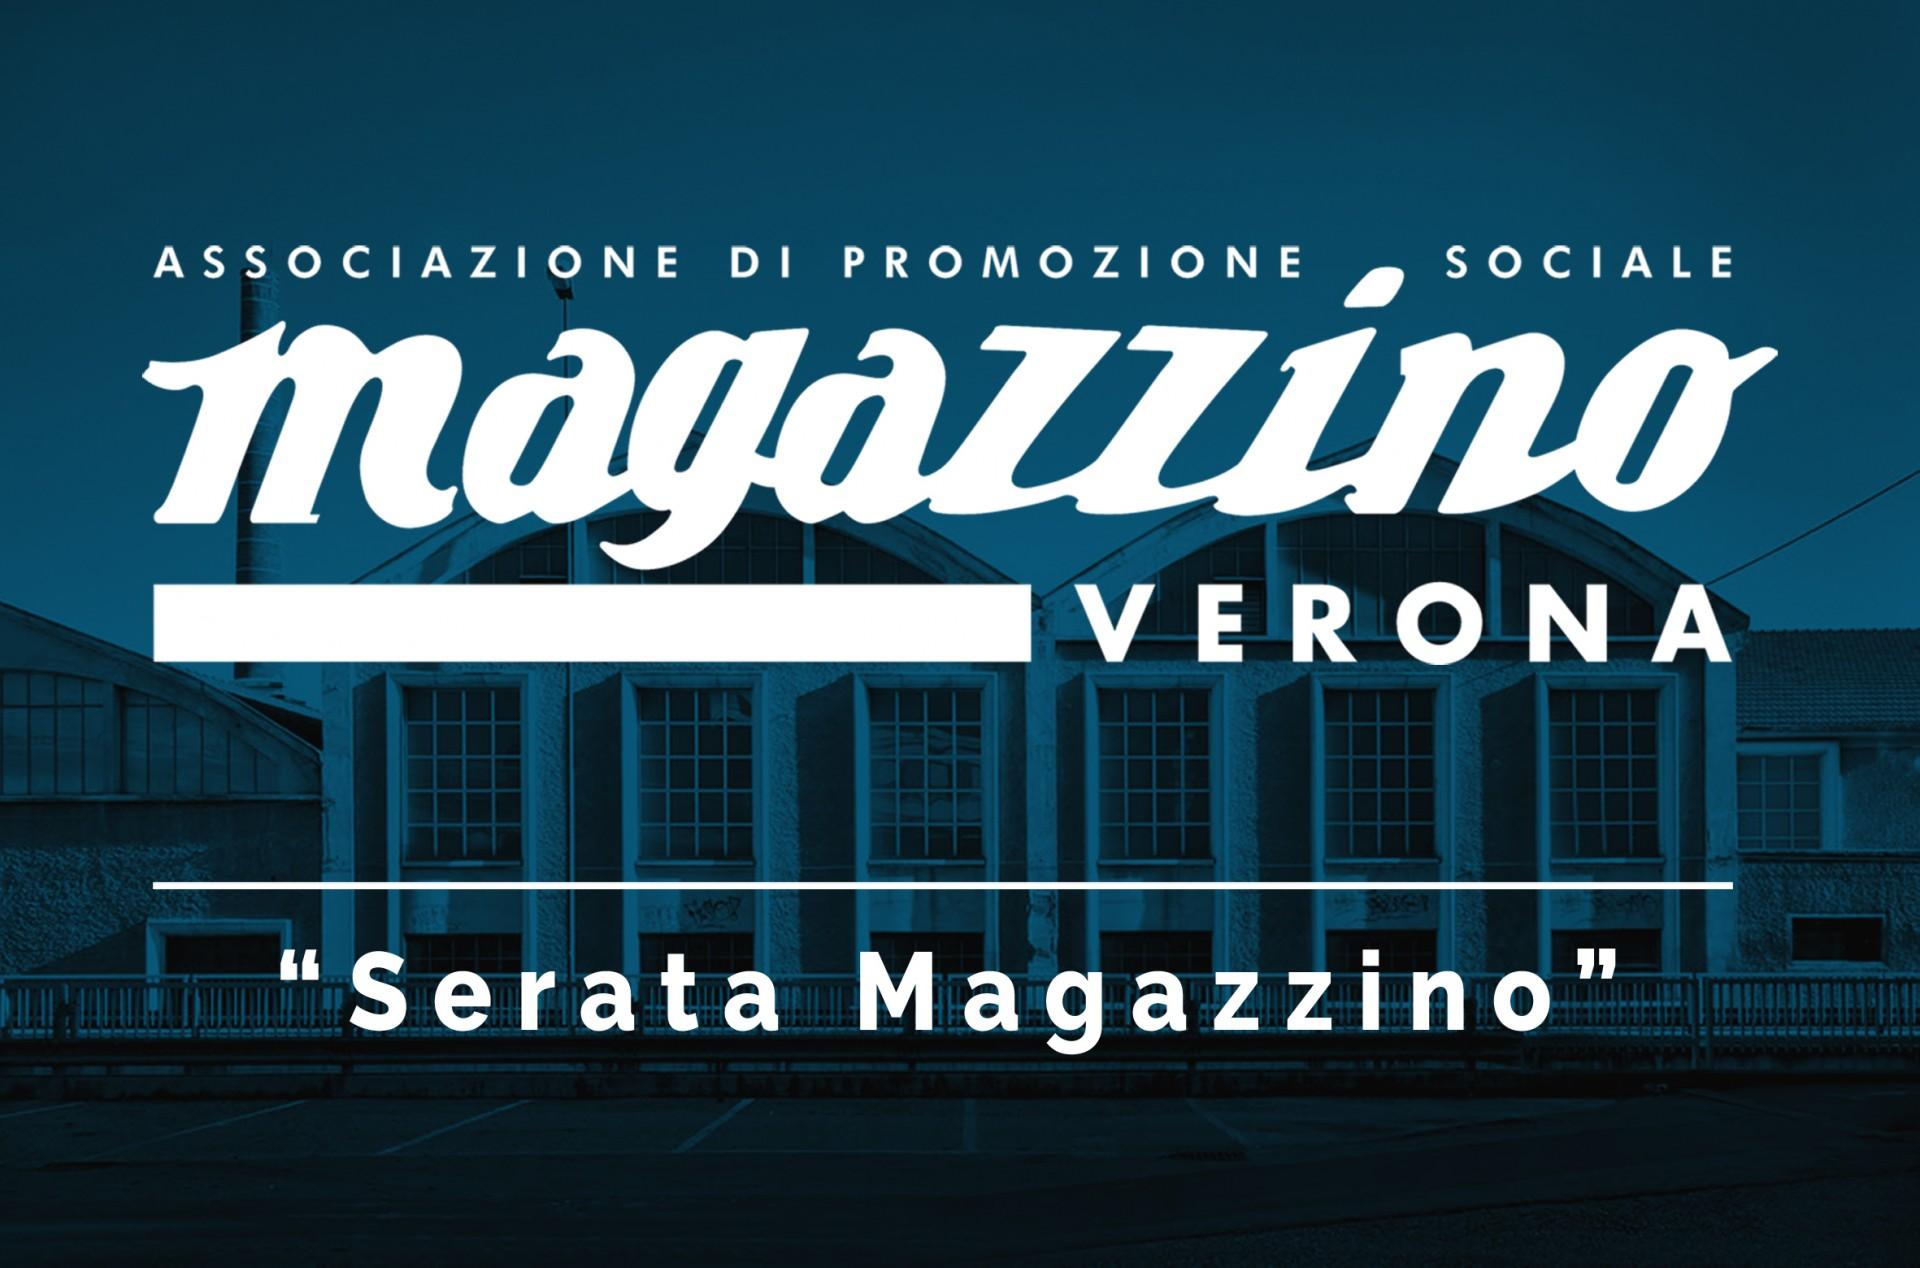 Serata Magazzino - 3 ottobre 2019